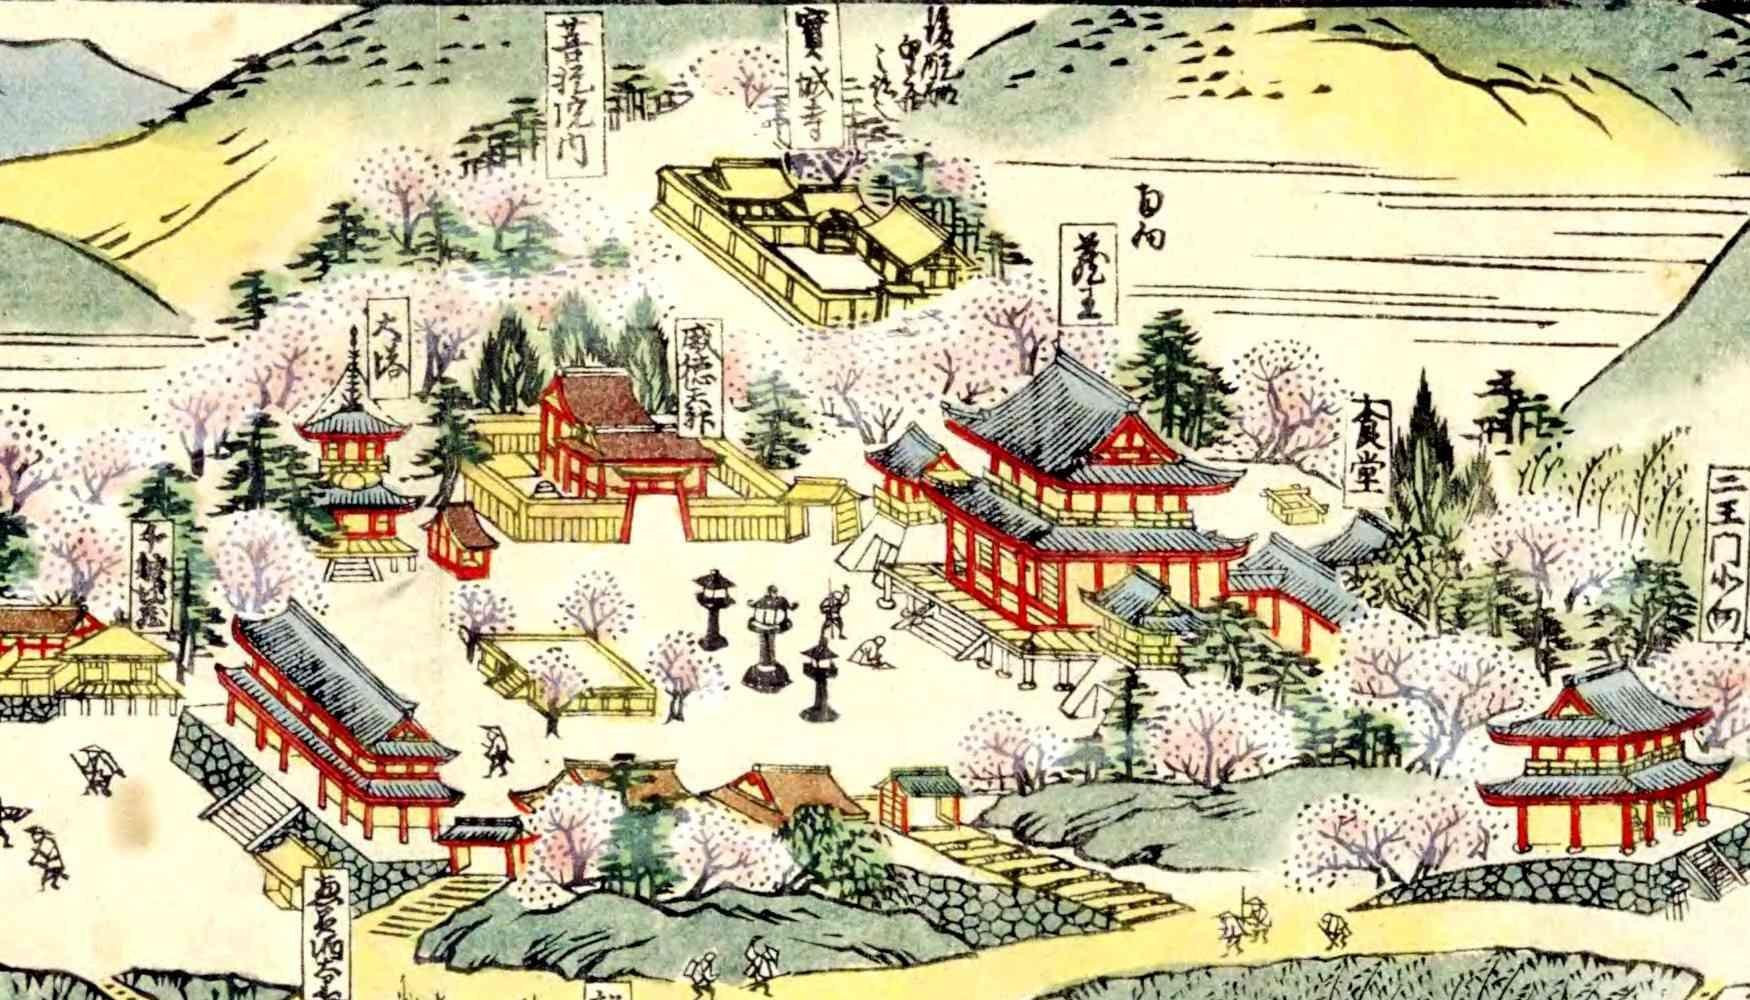 和州芳野山勝景図